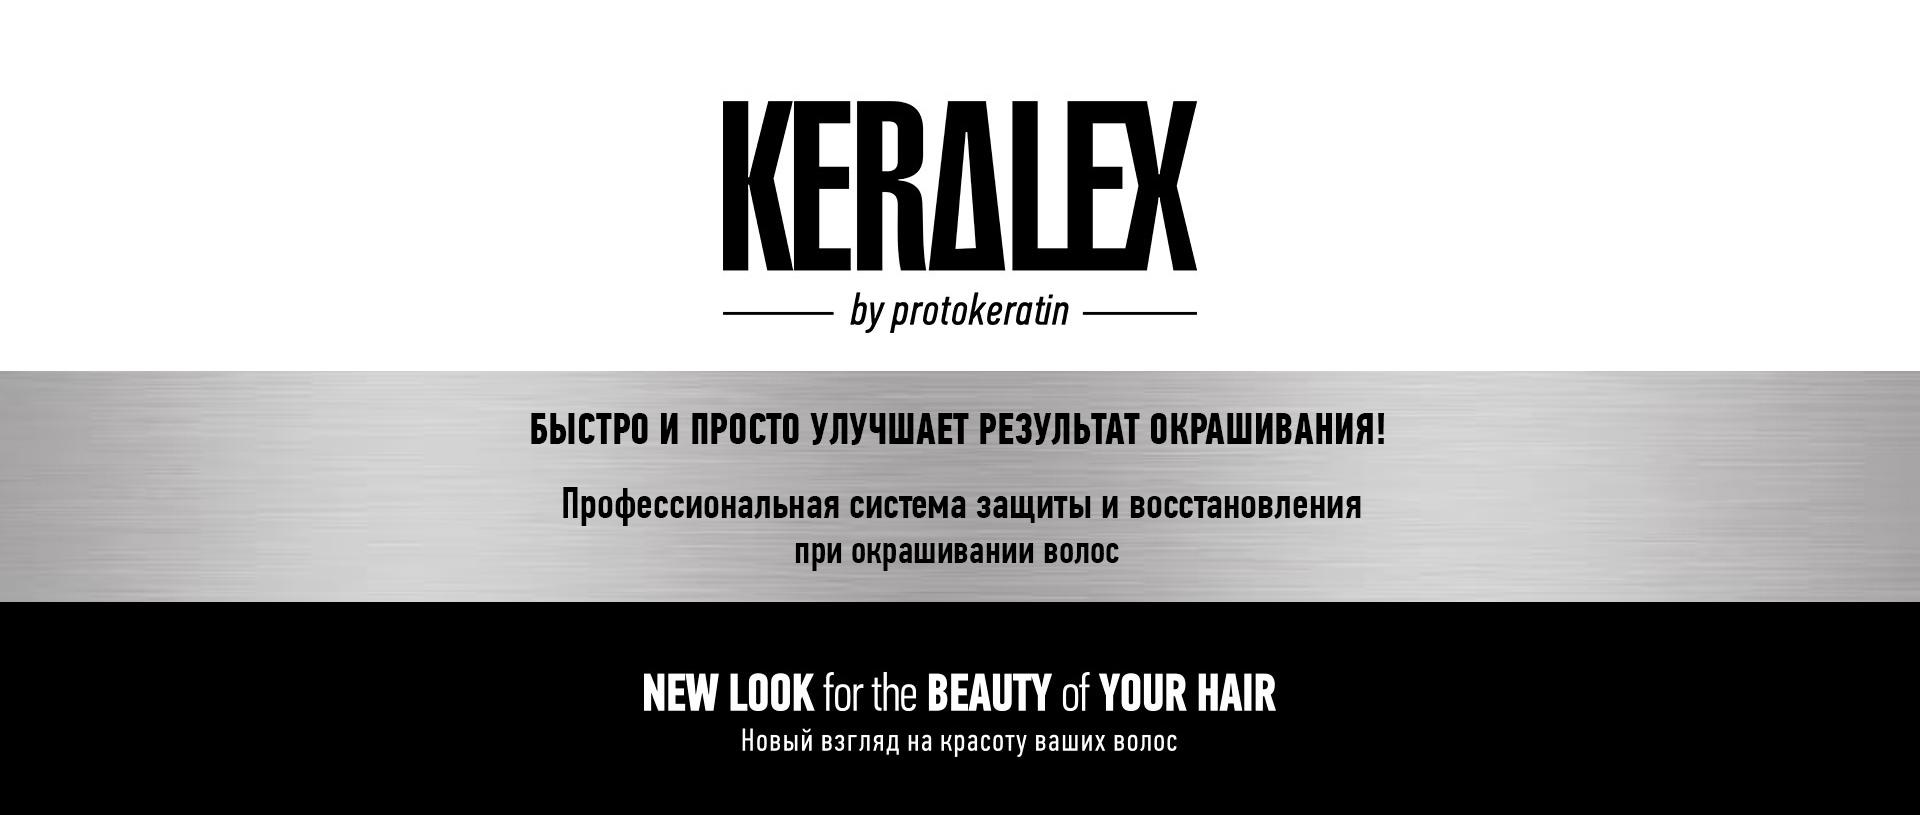 Салонный сервис для защиты и восстановления волос KERALEX